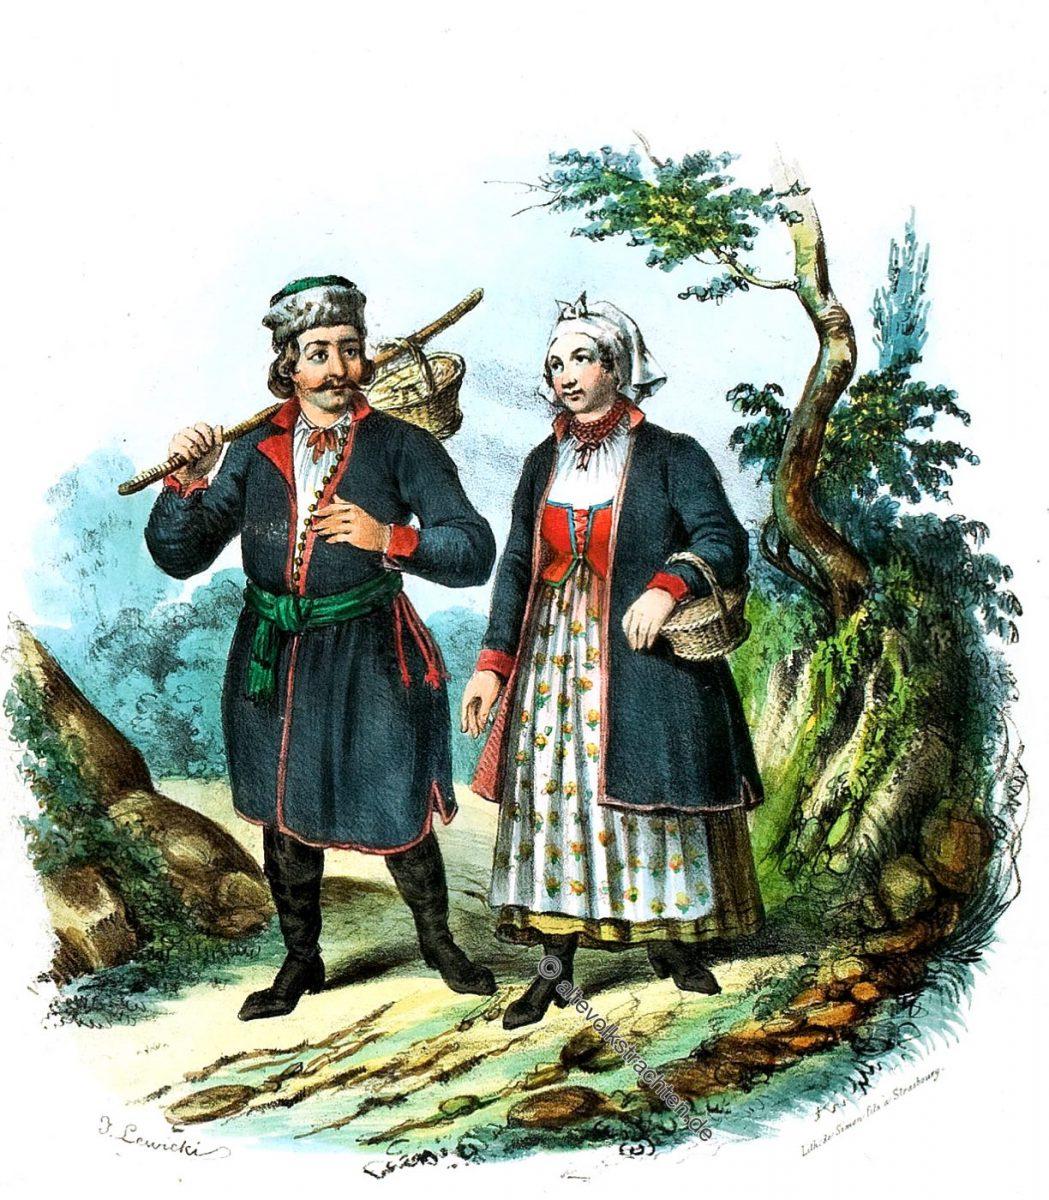 KIJACY, Podgórze, Podgórza, polen, Trachten, Bauerntrachten, Kostüme, Landleute